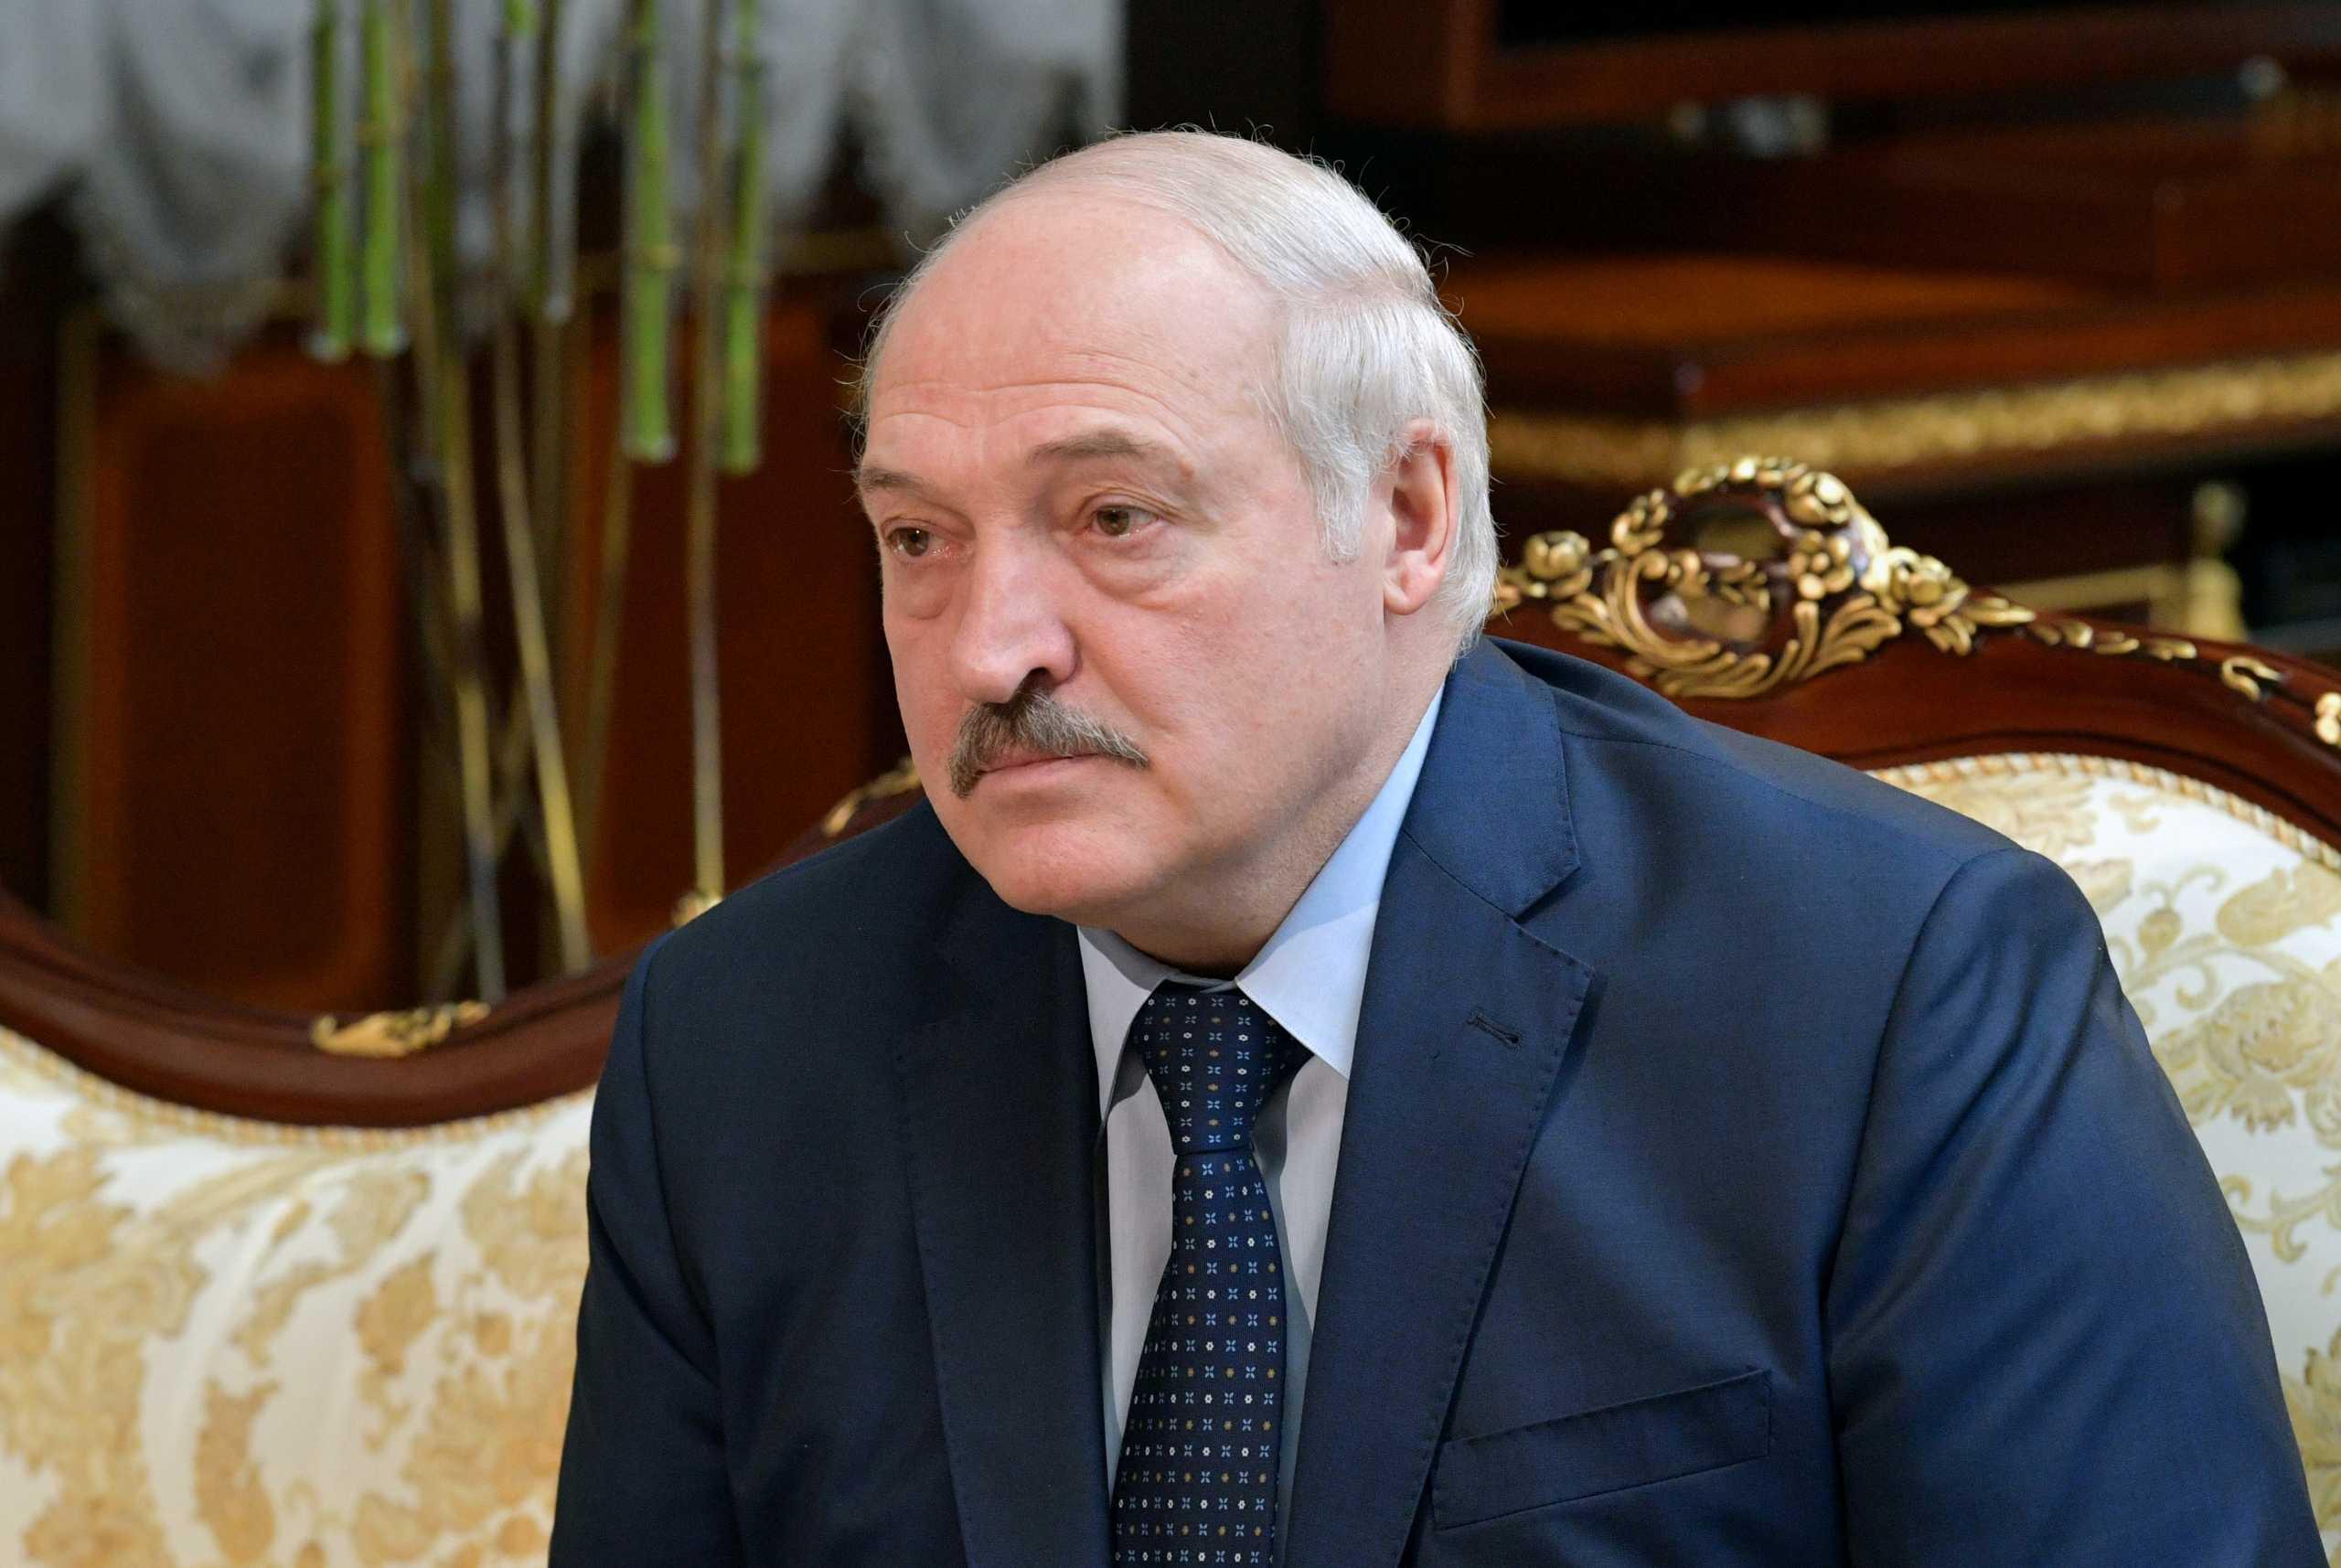 Αμετανόητος Λουκασένκο: Η πρώτη δημόσια δήλωση που προκαλεί όλο τον κόσμο